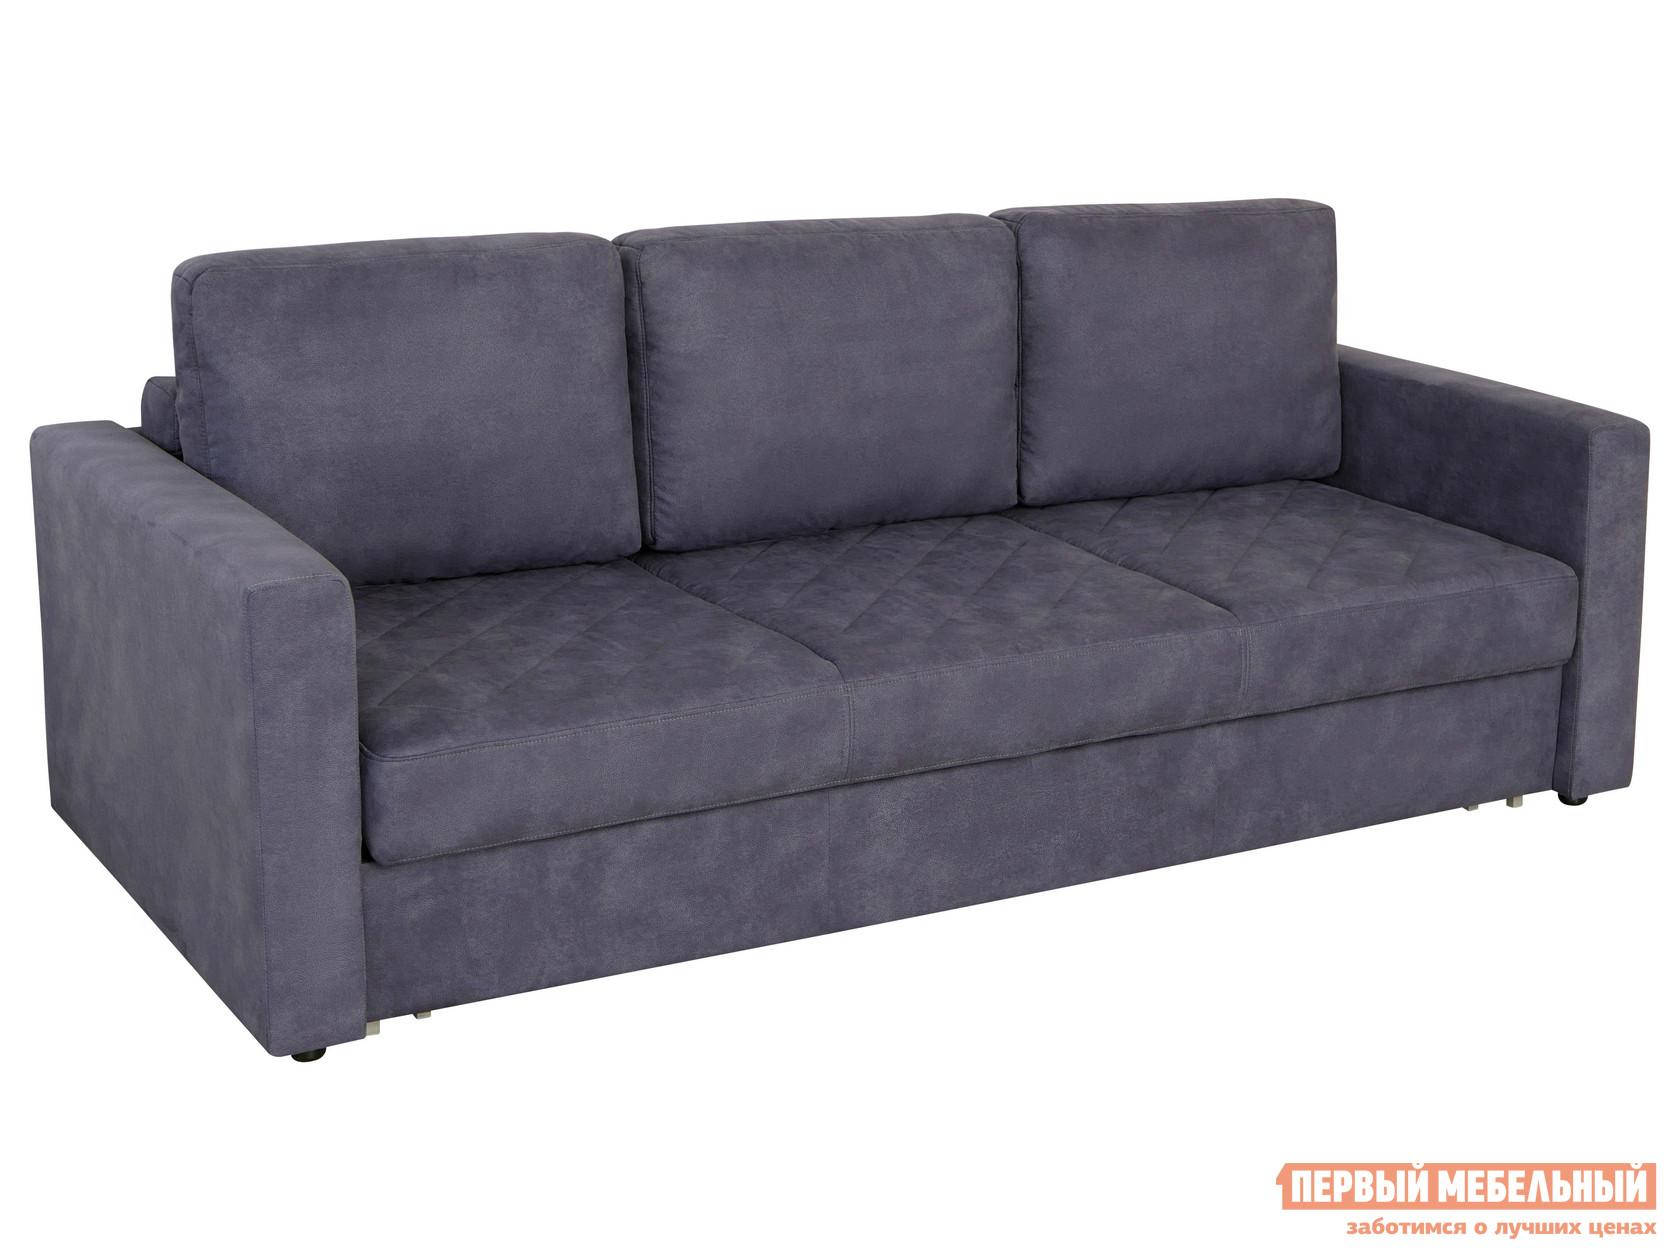 Прямой диван Первый Мебельный Прямой диван Стенфорд Люкс